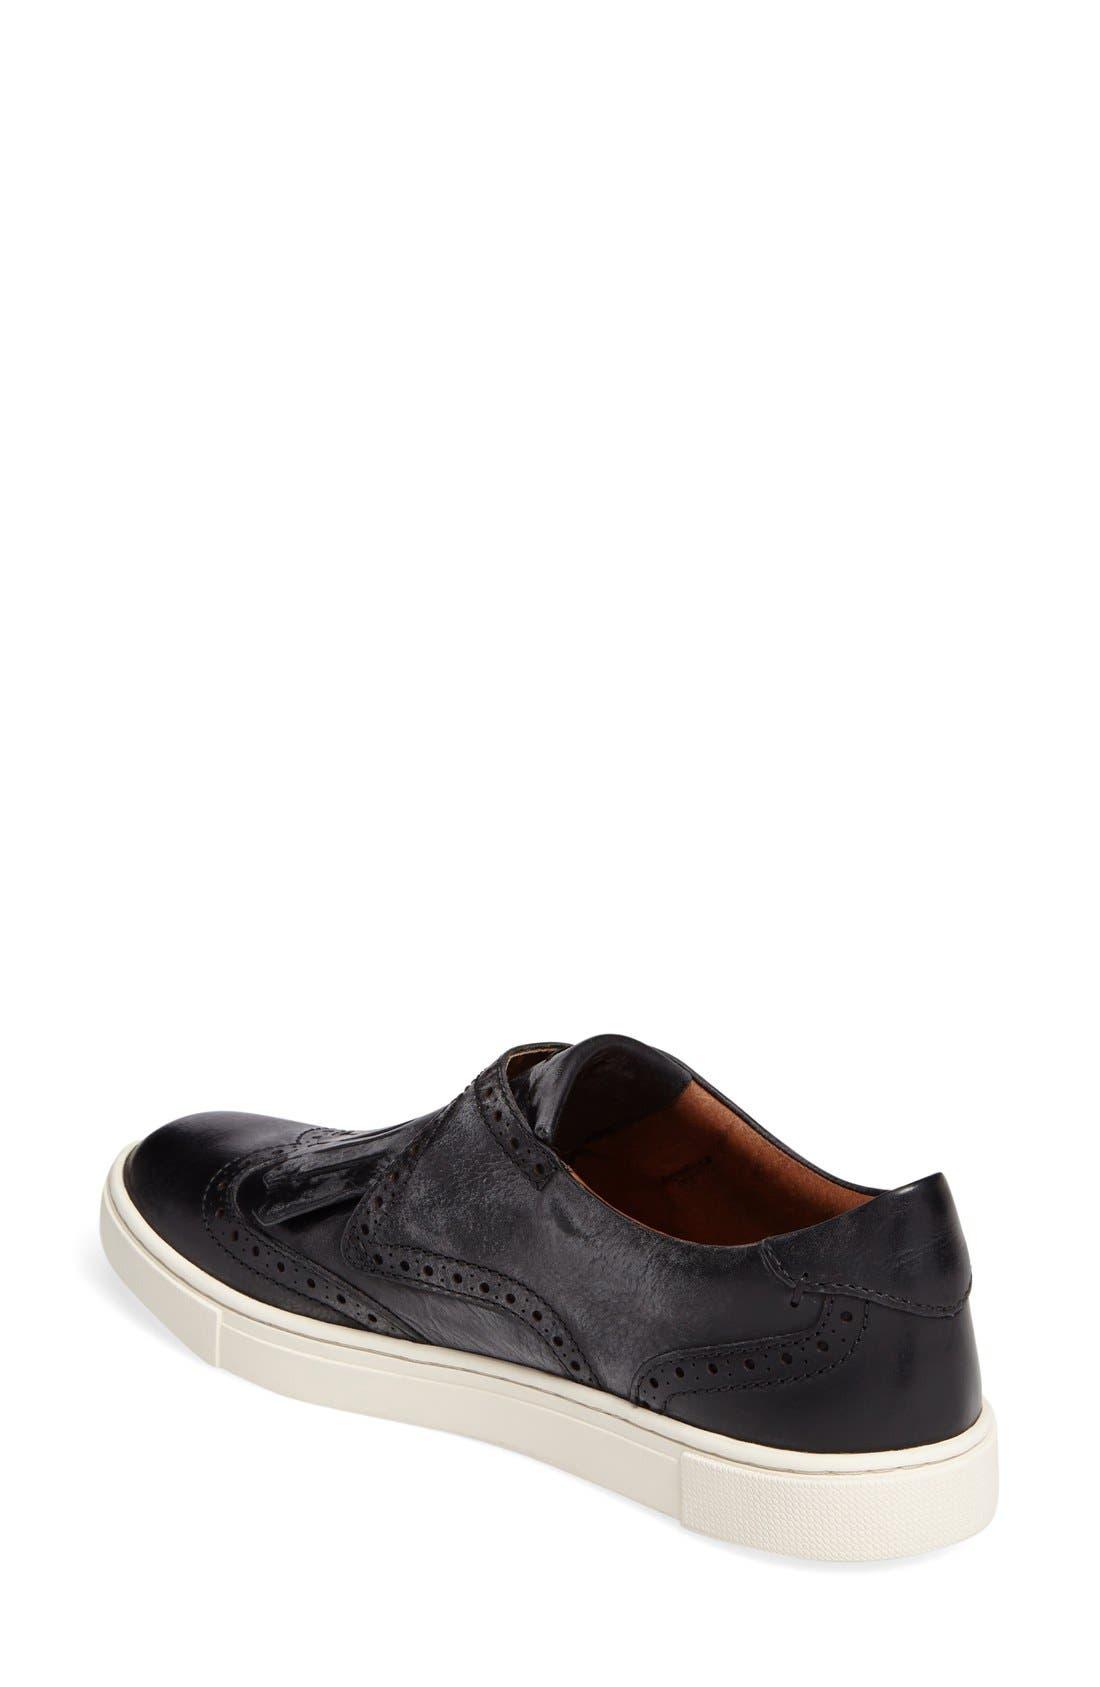 'Gemma' Kiltie Slip On-Sneaker,                             Alternate thumbnail 19, color,